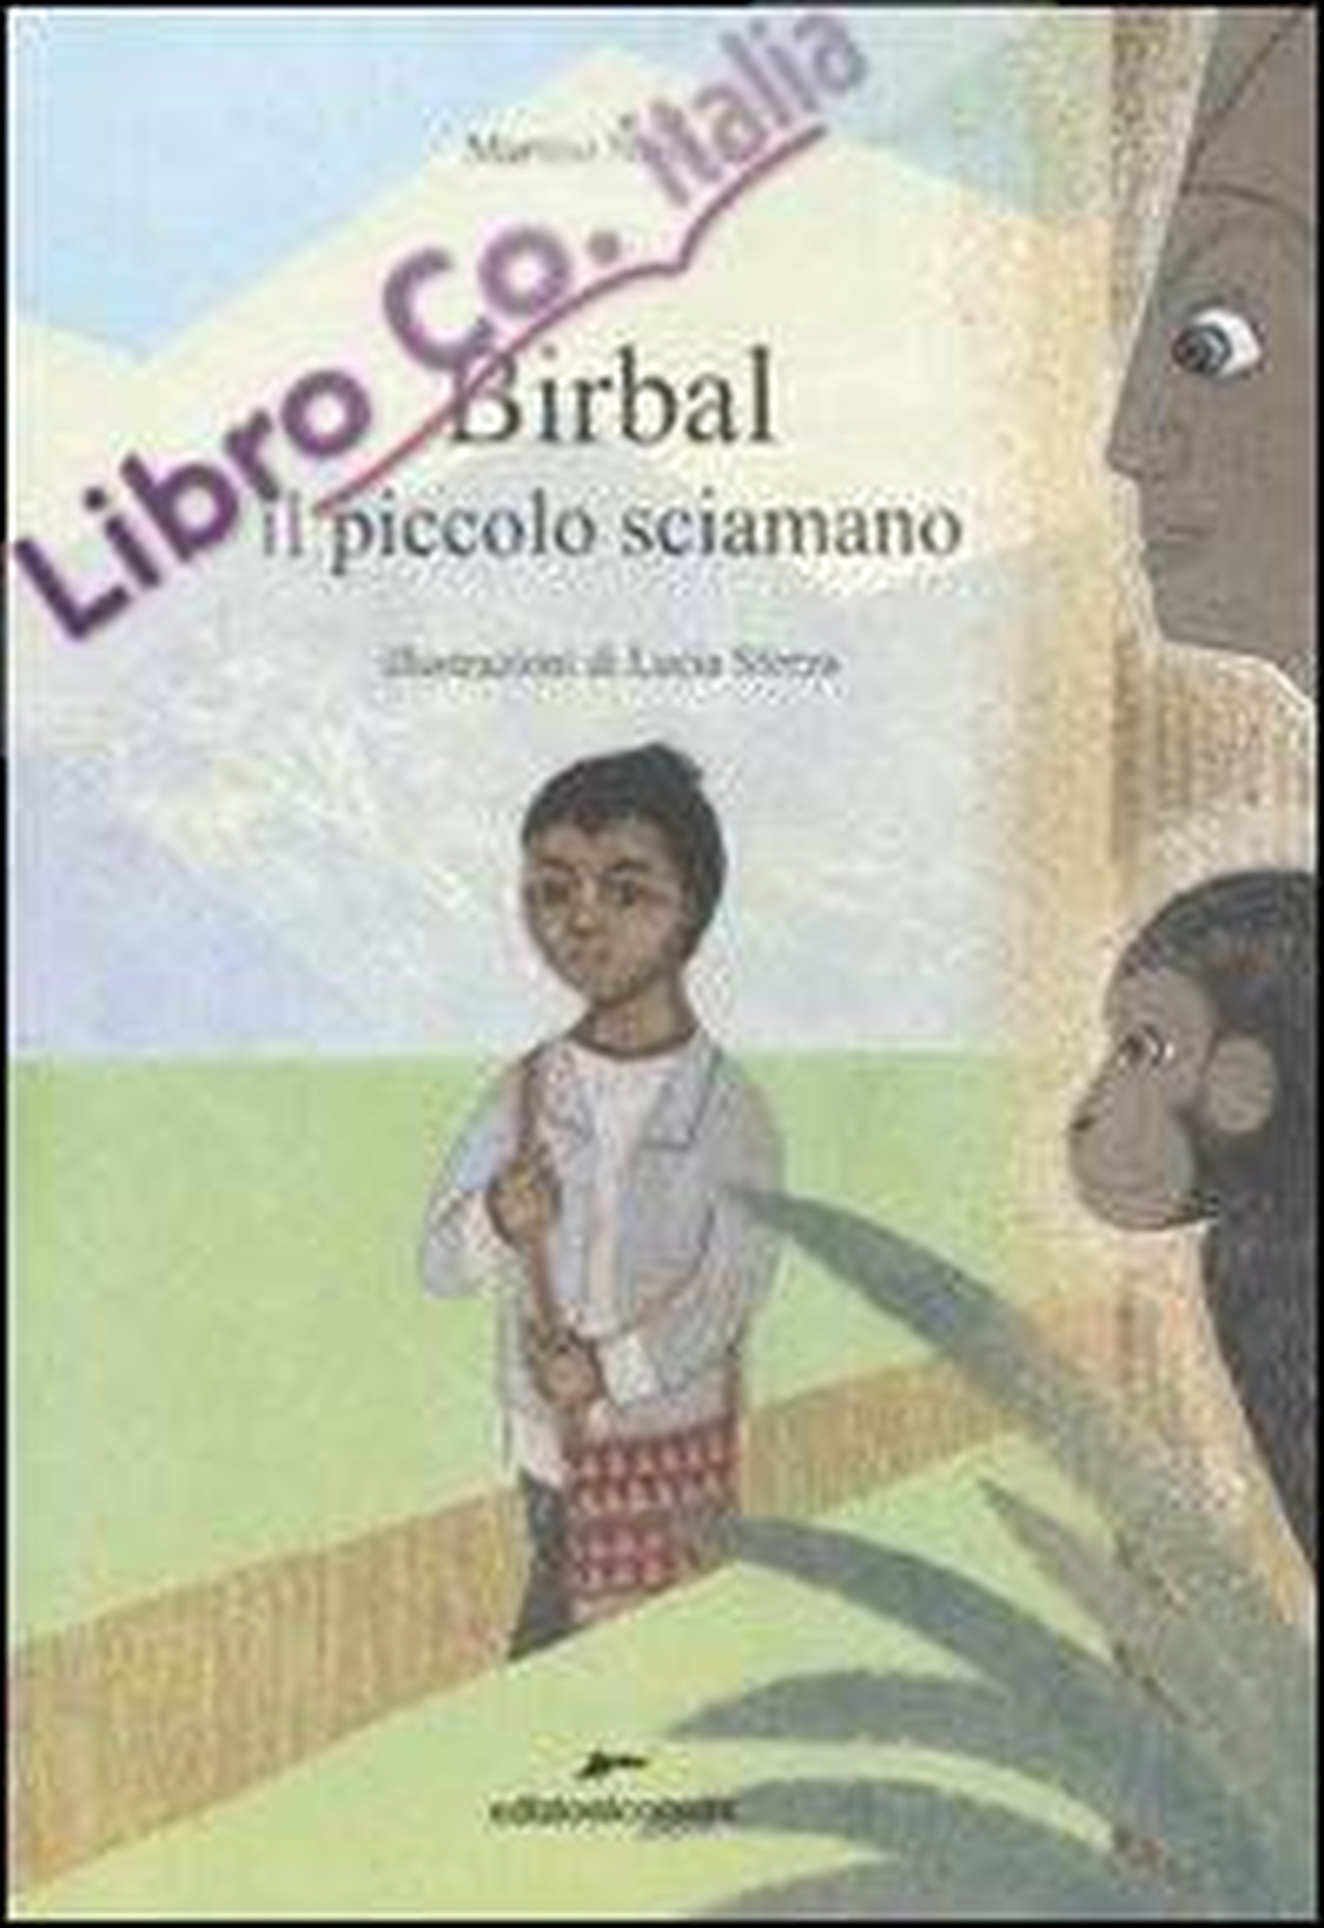 Birbal il piccolo sciamano